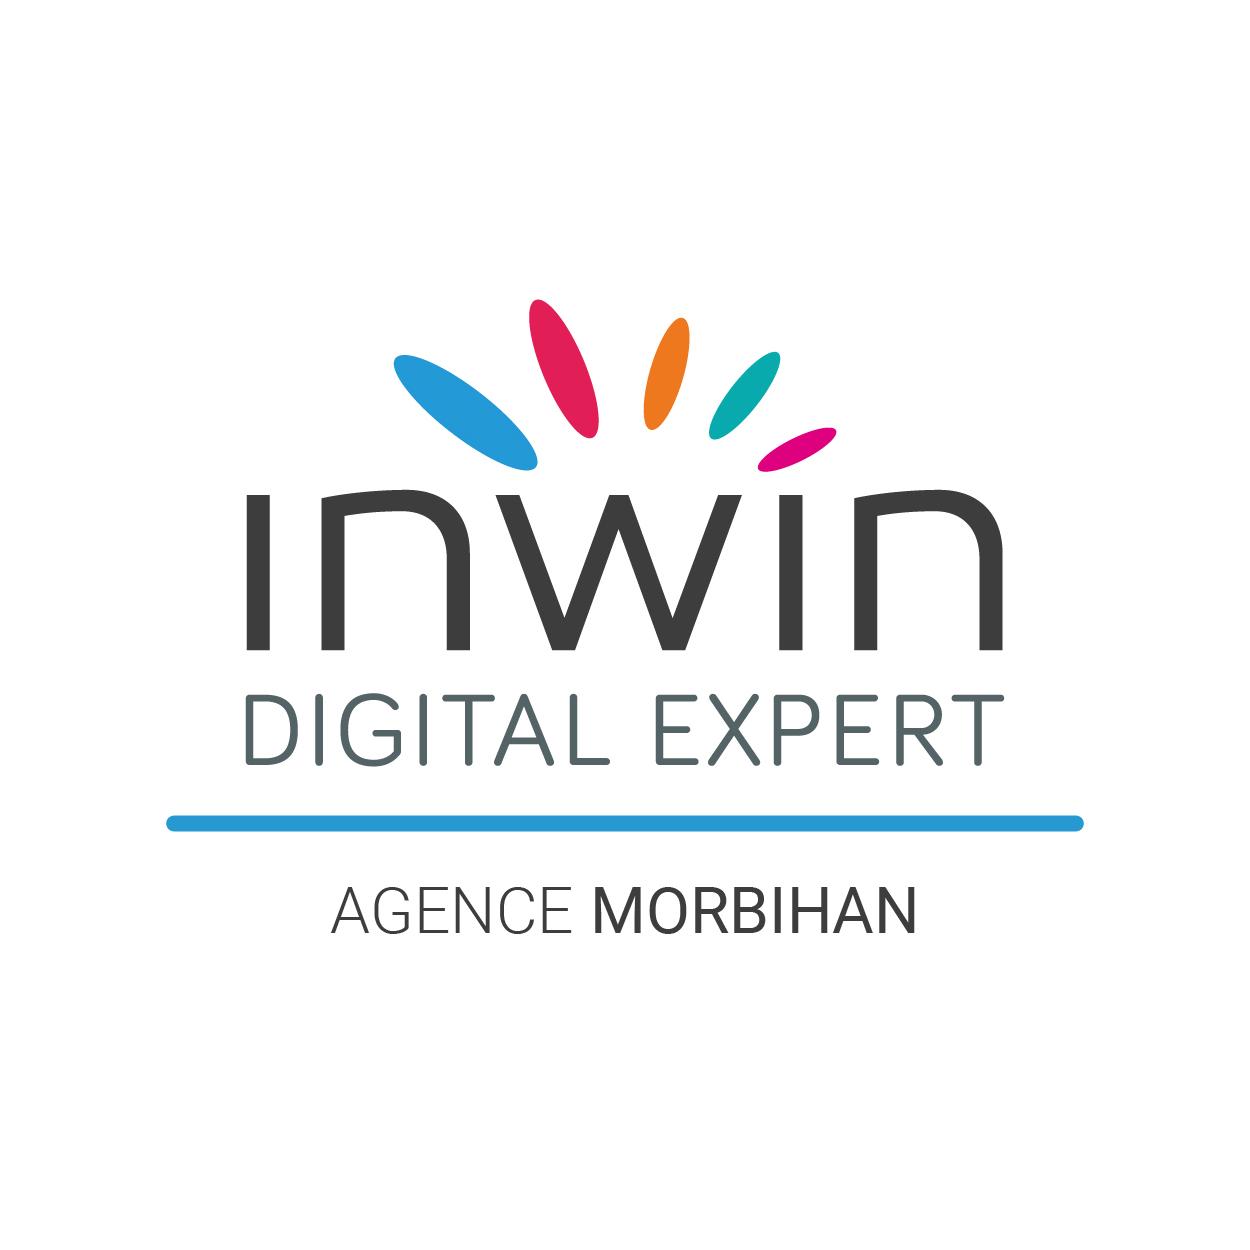 Inwin Morbihan